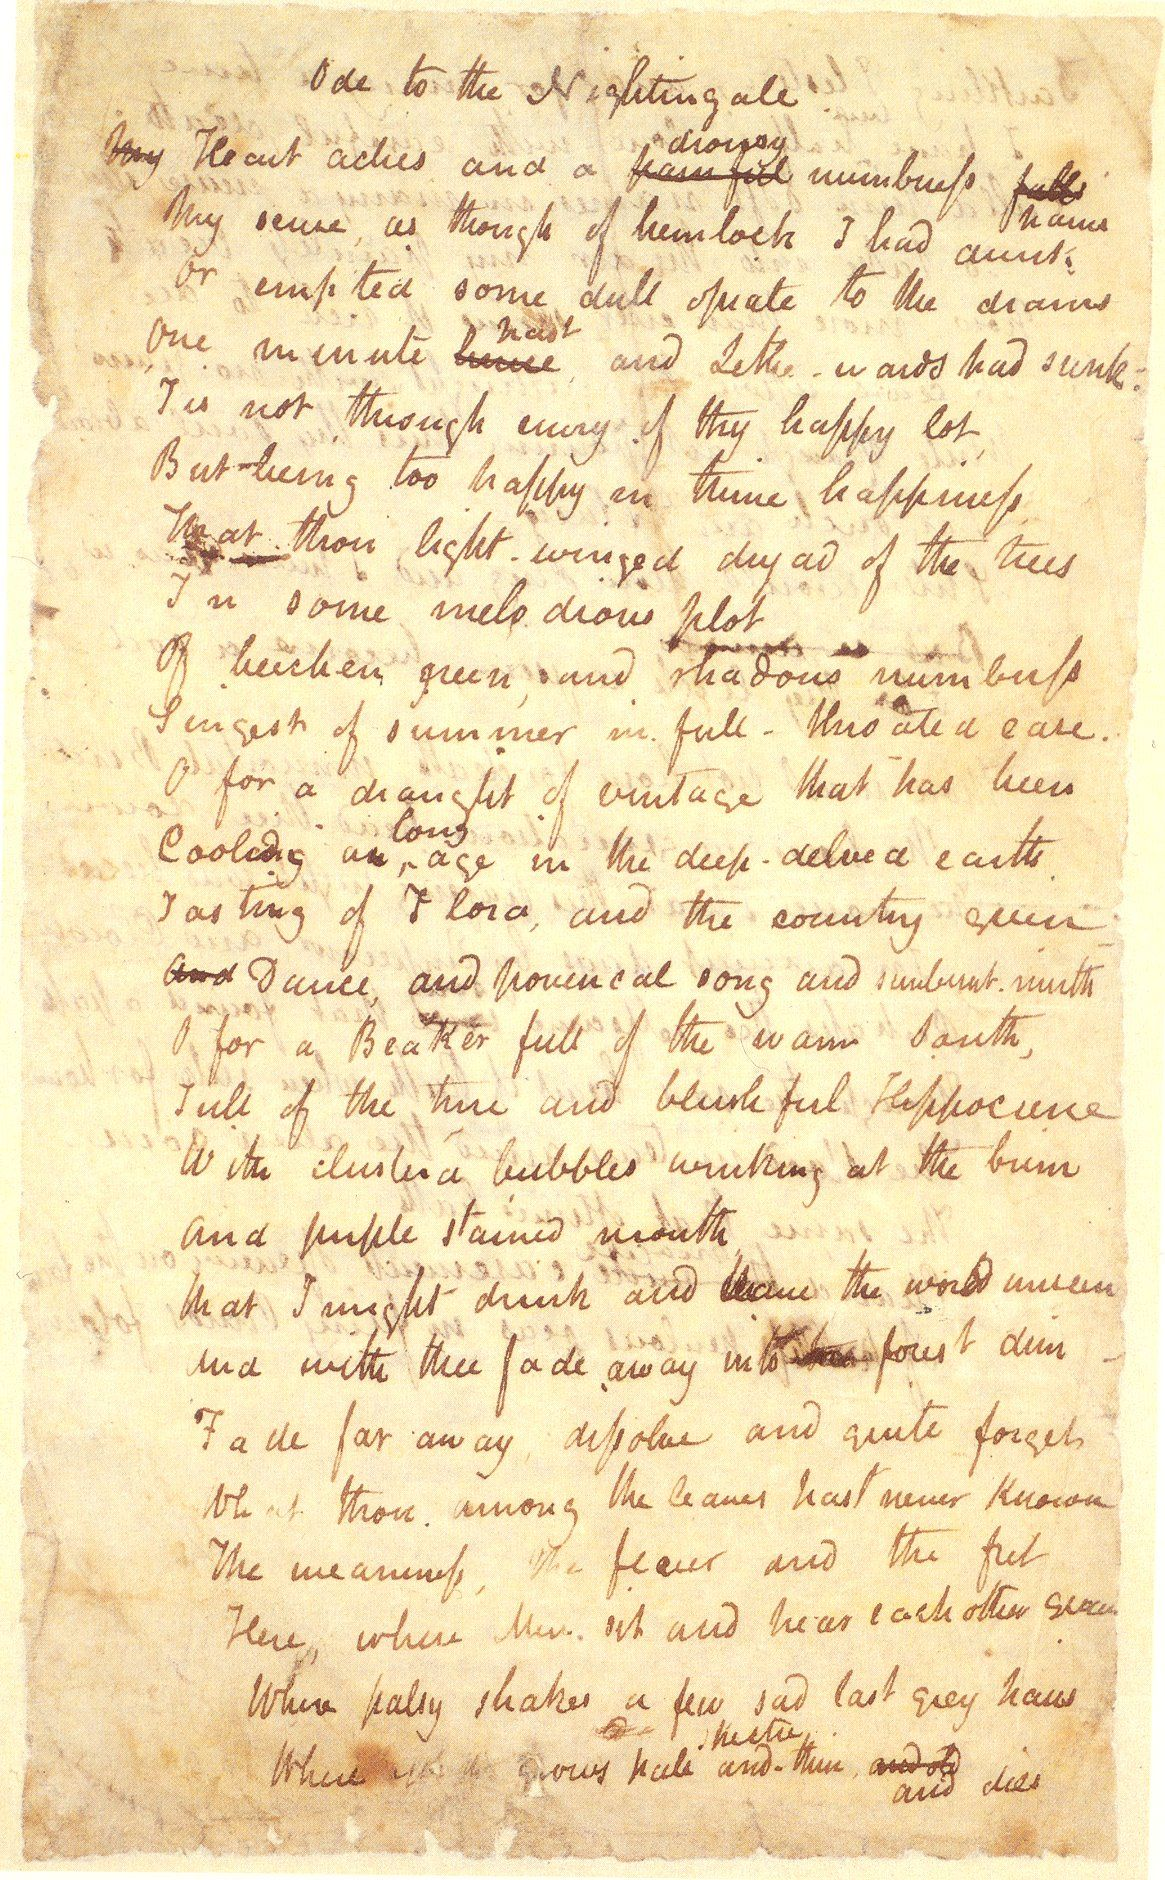 keats nightingale